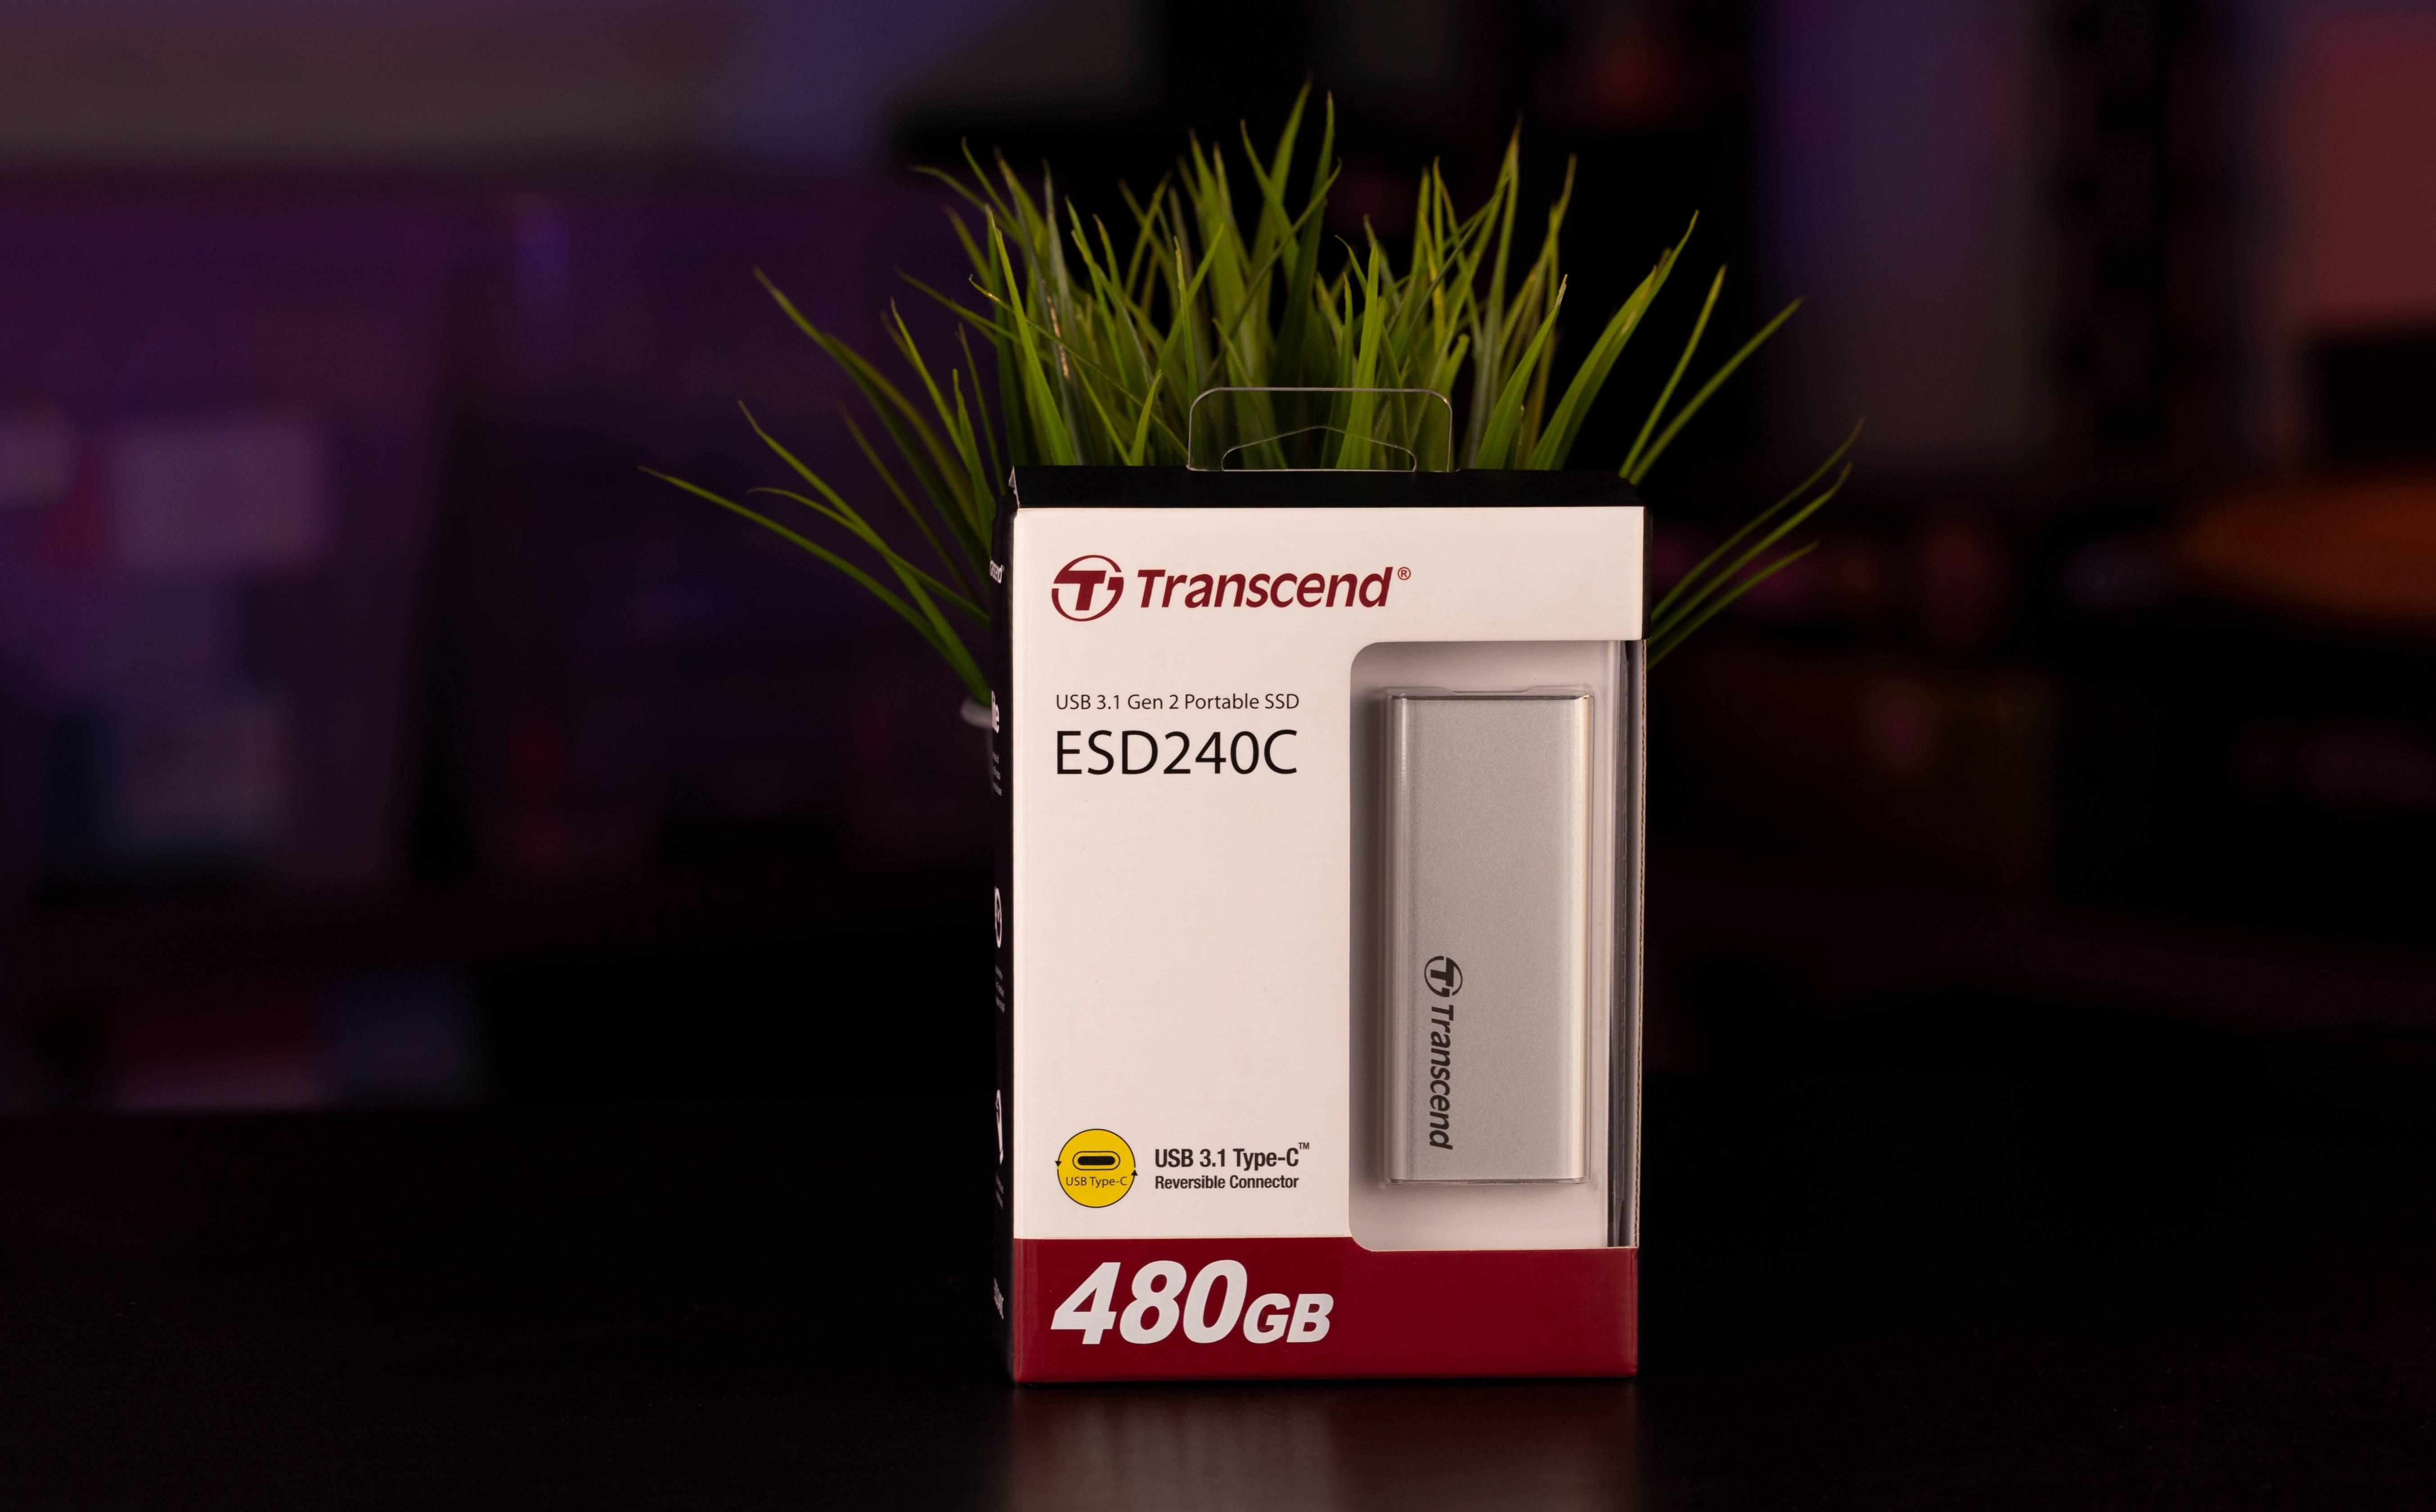 Transcend ESD240C 480GB